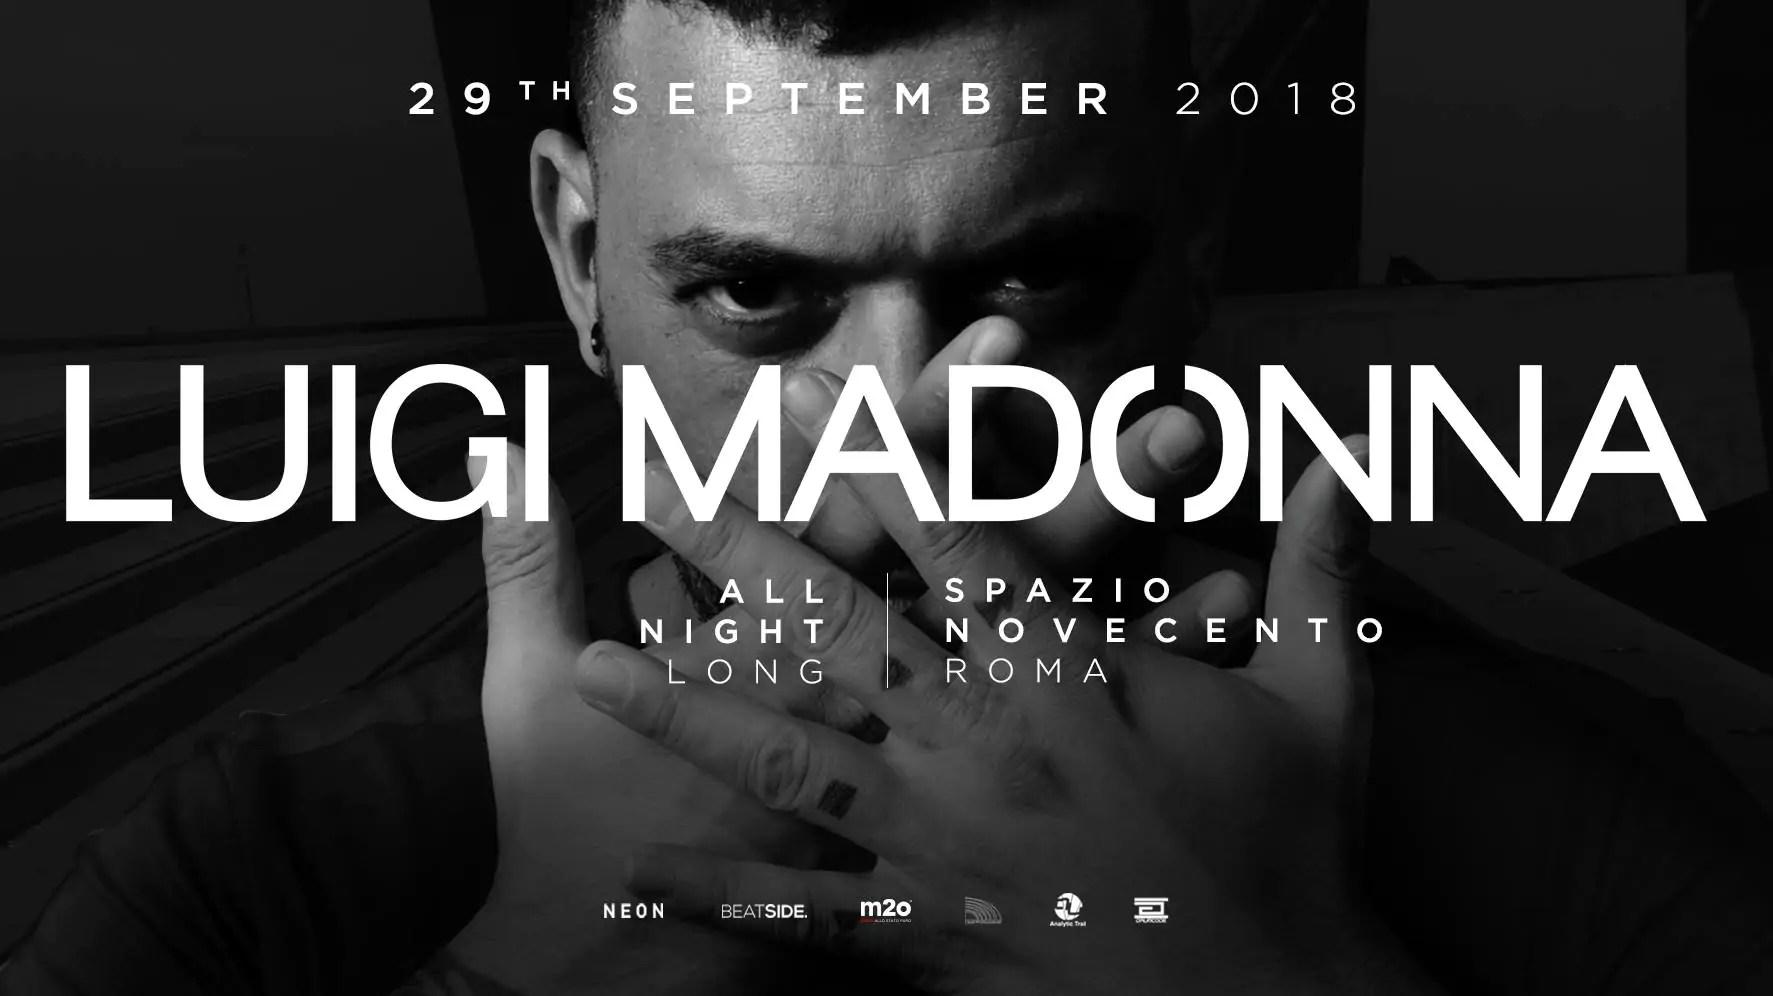 Luigi Madonna at Spazio Novecento Roma – 29 Settembre 2018 | Ticket Tavoli Pacchetti hotel Prevendite